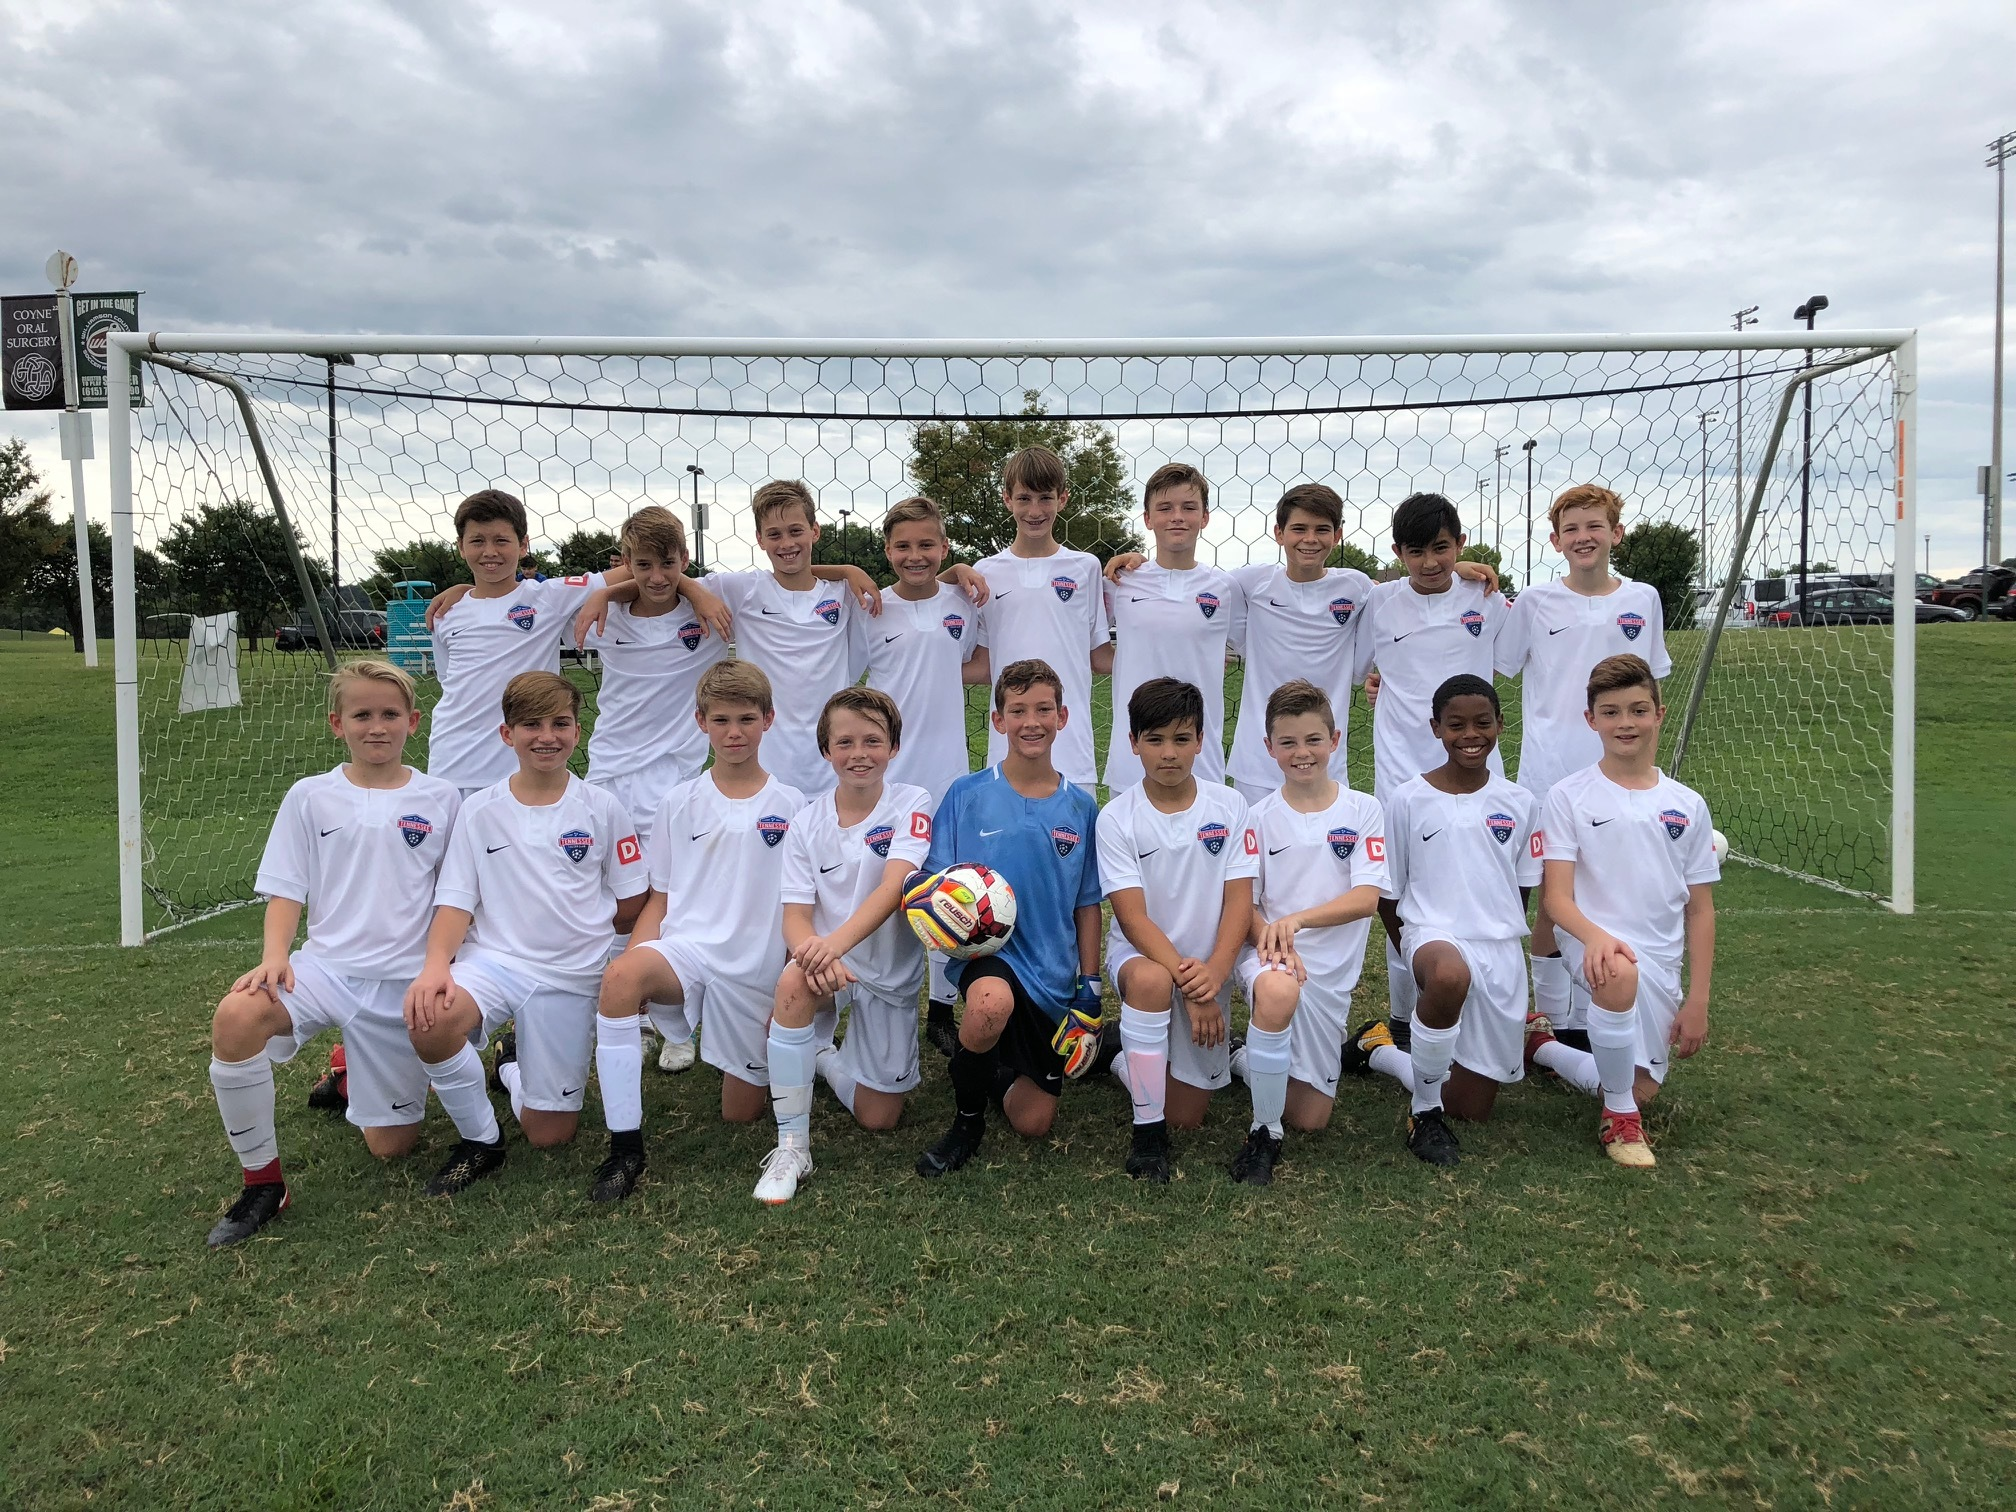 TN Soccer Club 06